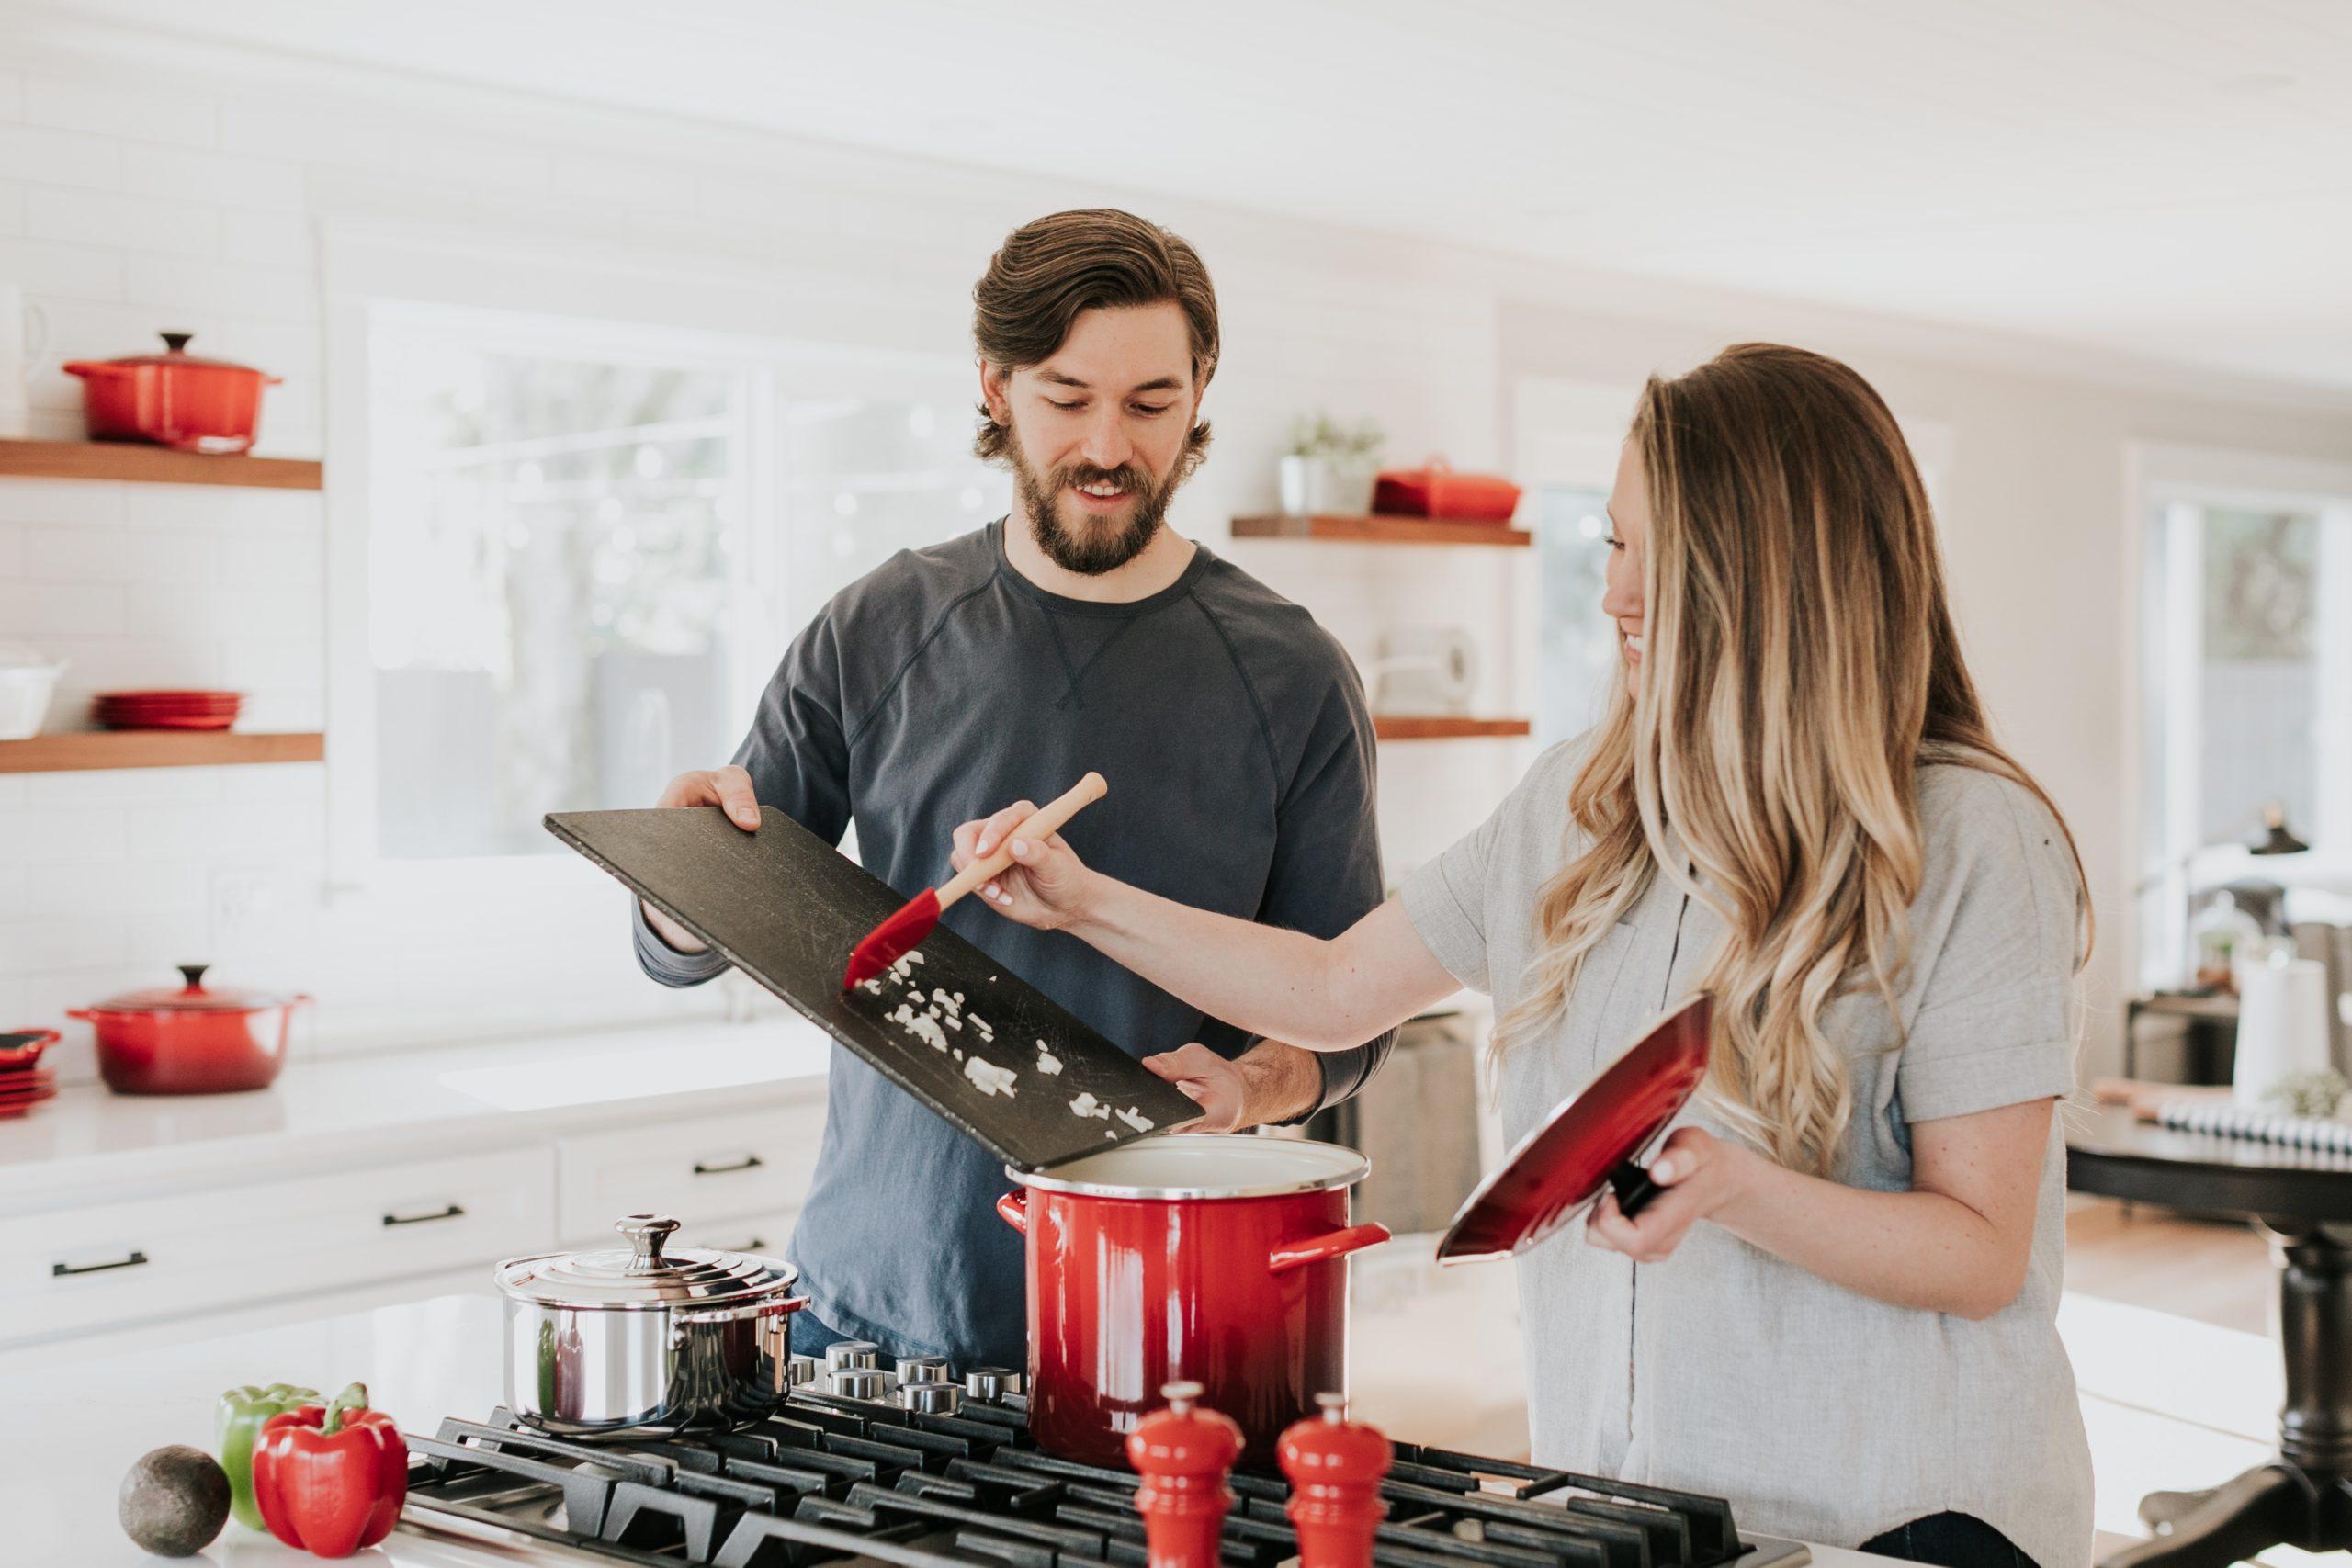 フリーランスが家事を効率化・時短にすべき3つの理由と方法